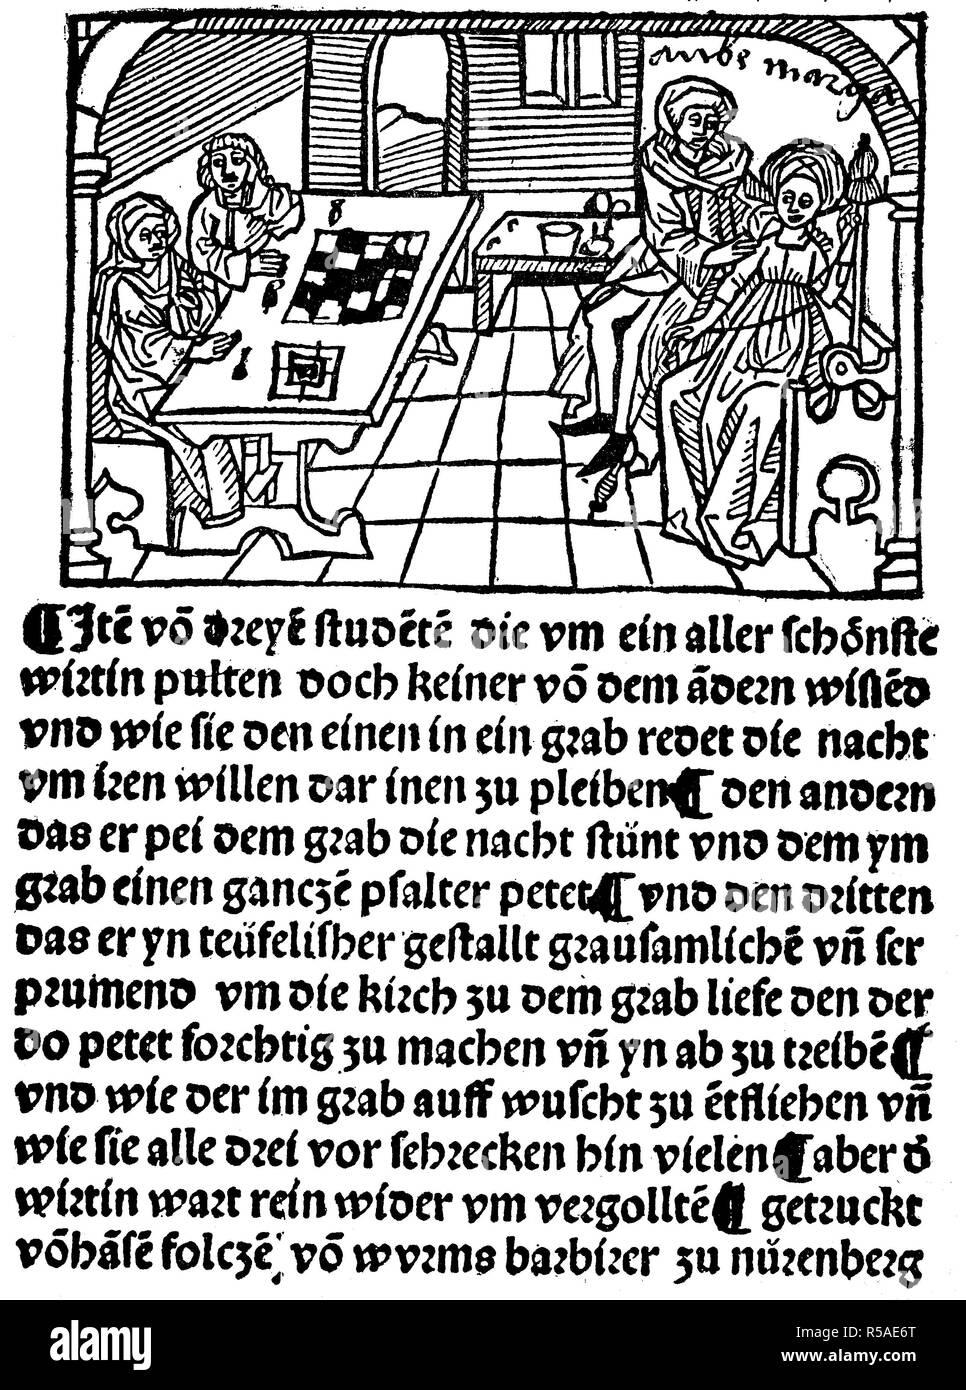 Gli studenti di un amore avventura, il titolo di un libro di Hans Folz, 1480, xilografia, Germania Immagini Stock